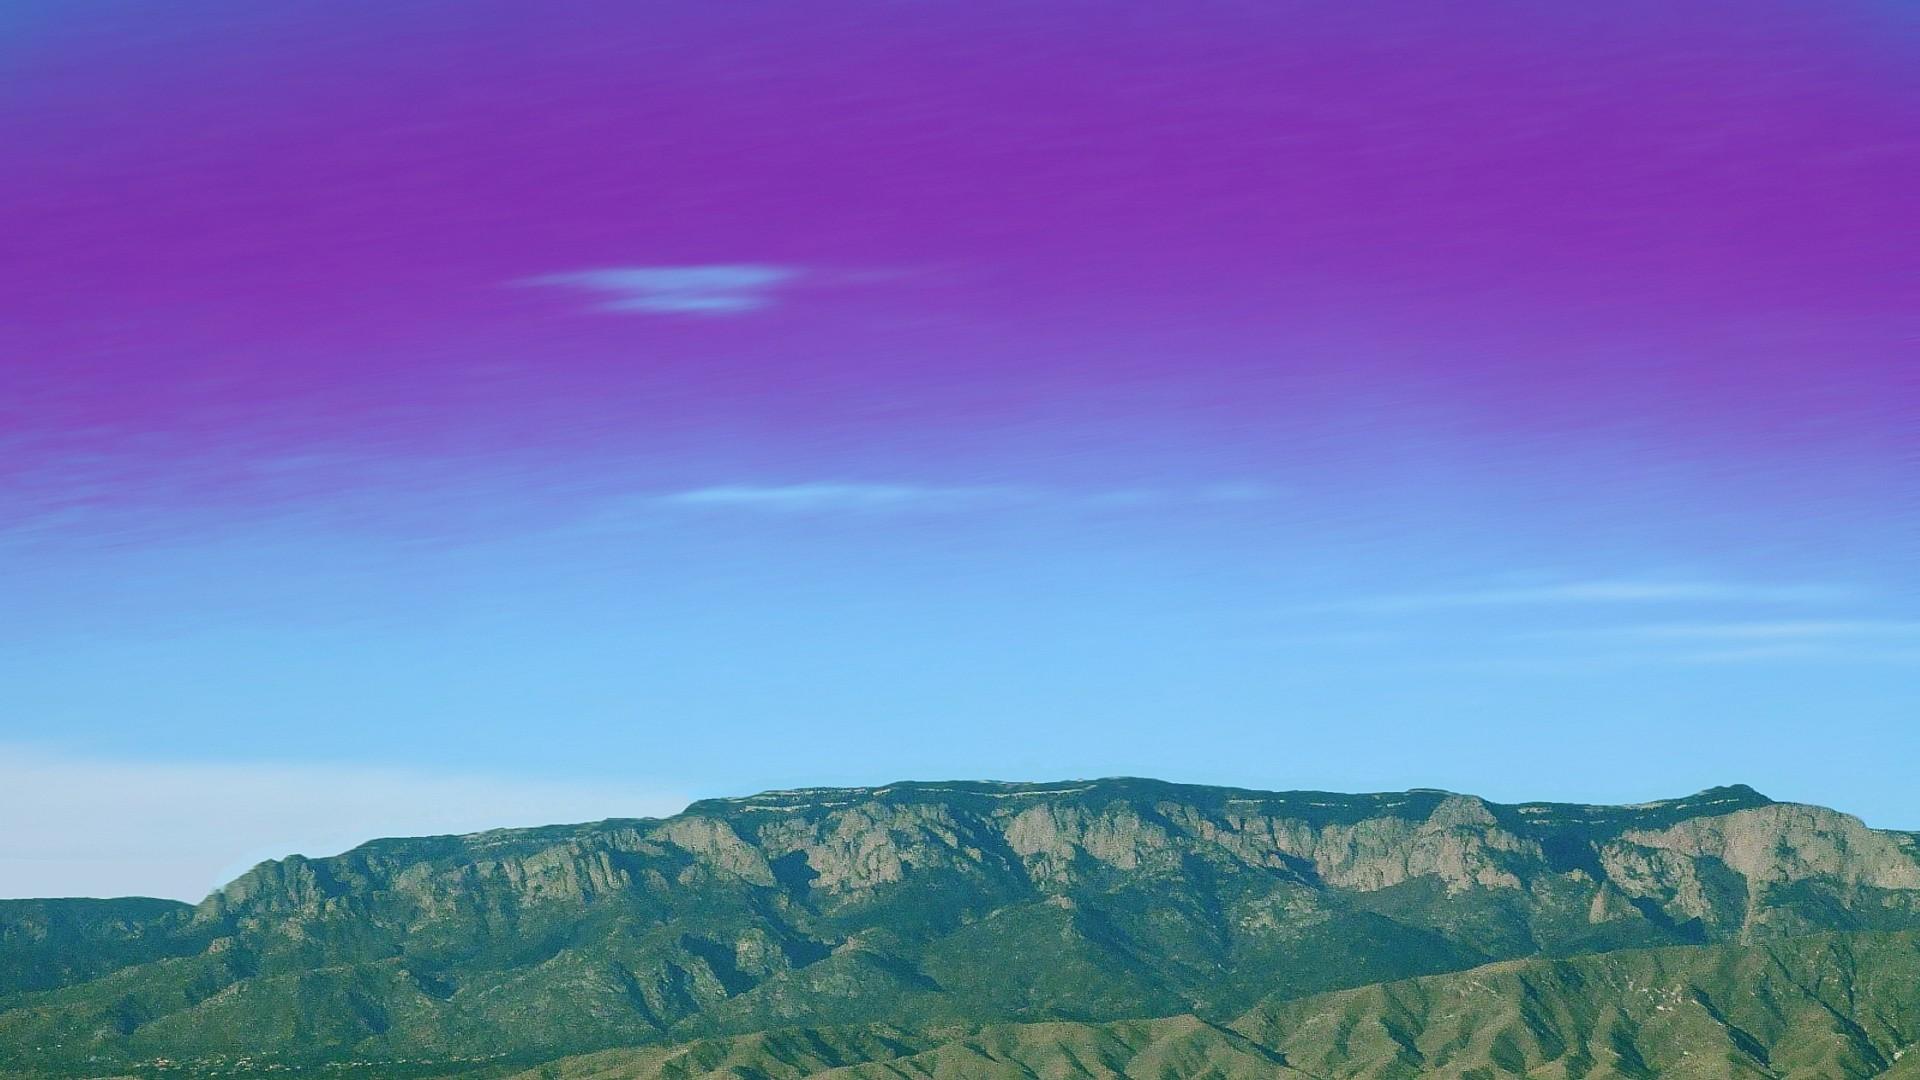 Sandia Mountains New Mexico wallpaper 12410 1920x1080